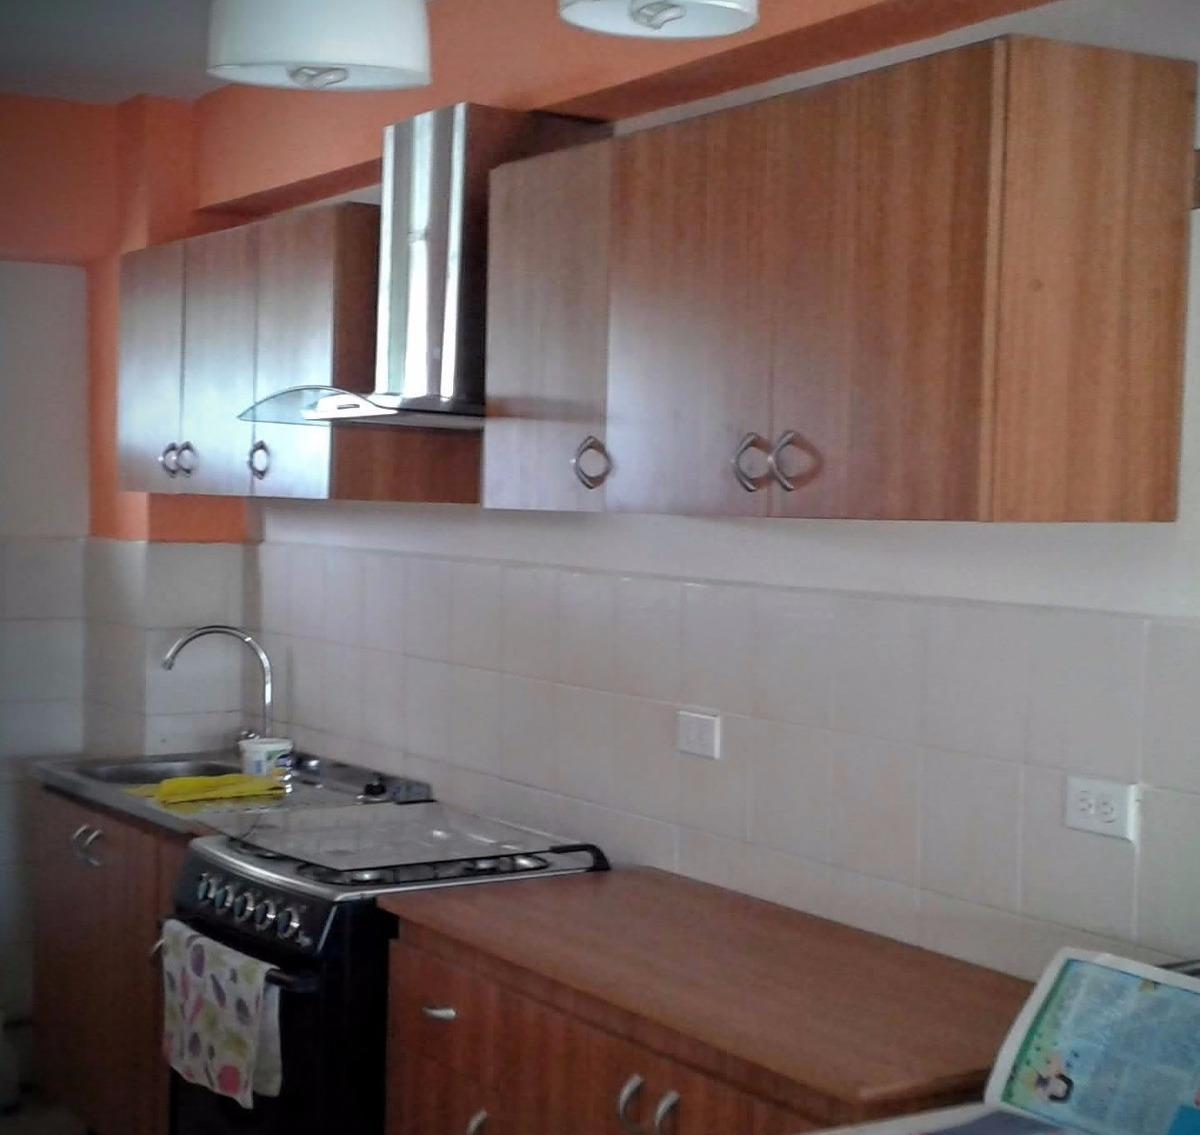 Muebles para fregadero de cocina dise os arquitect nicos - Fregaderos para cocina ...